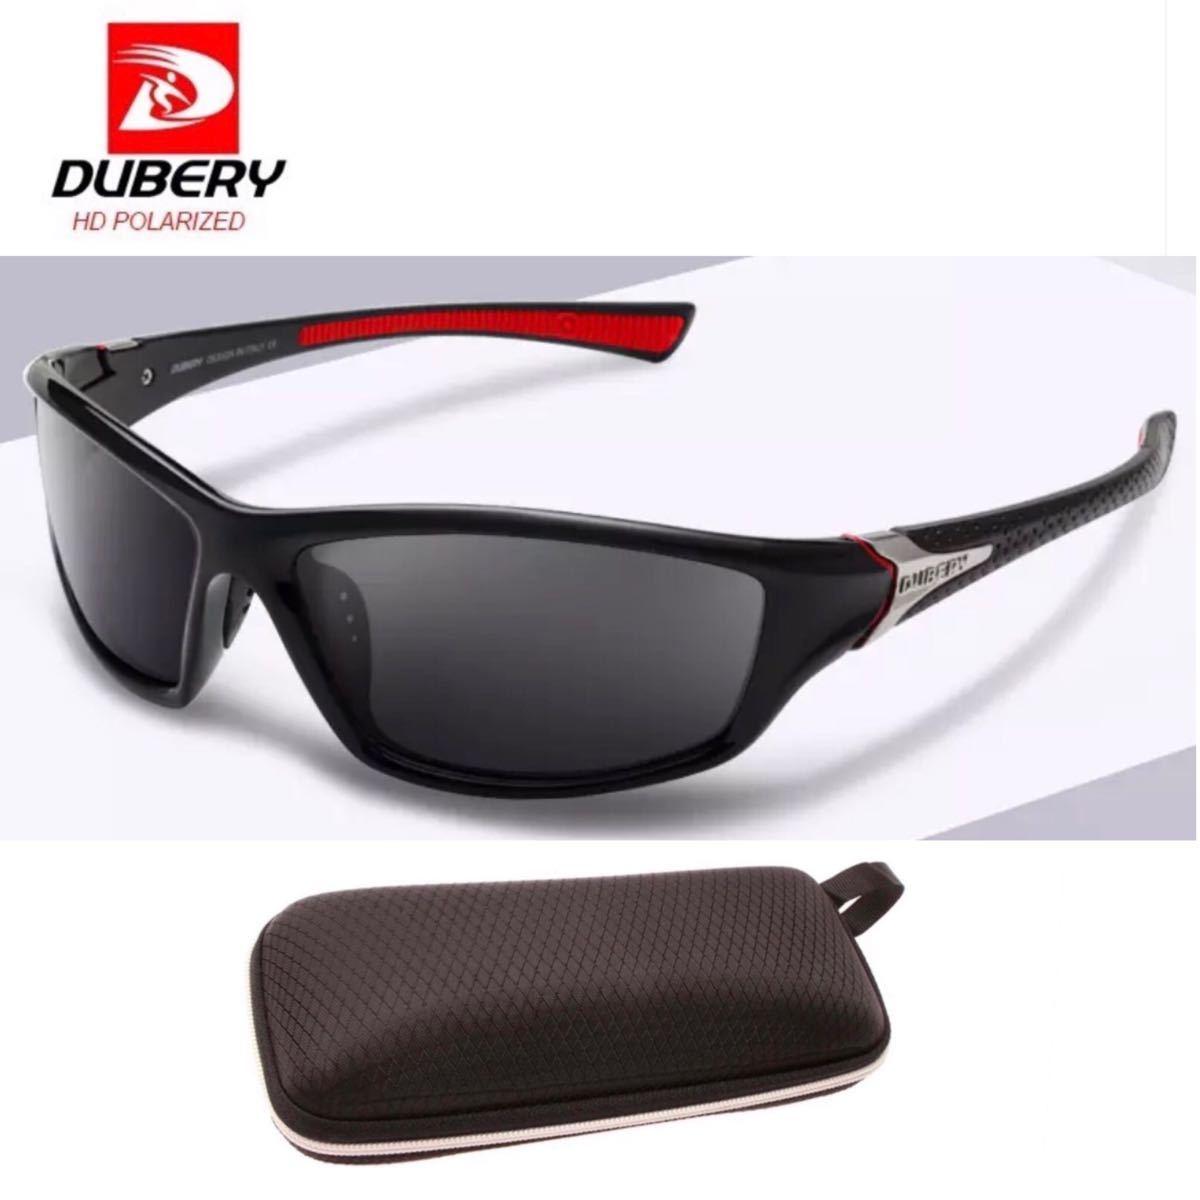 DUBERY サングラス 偏光グラス UV400 軽量 車  釣り アウトドア スポーツサングラス 超軽量 偏光レンズ サングラス